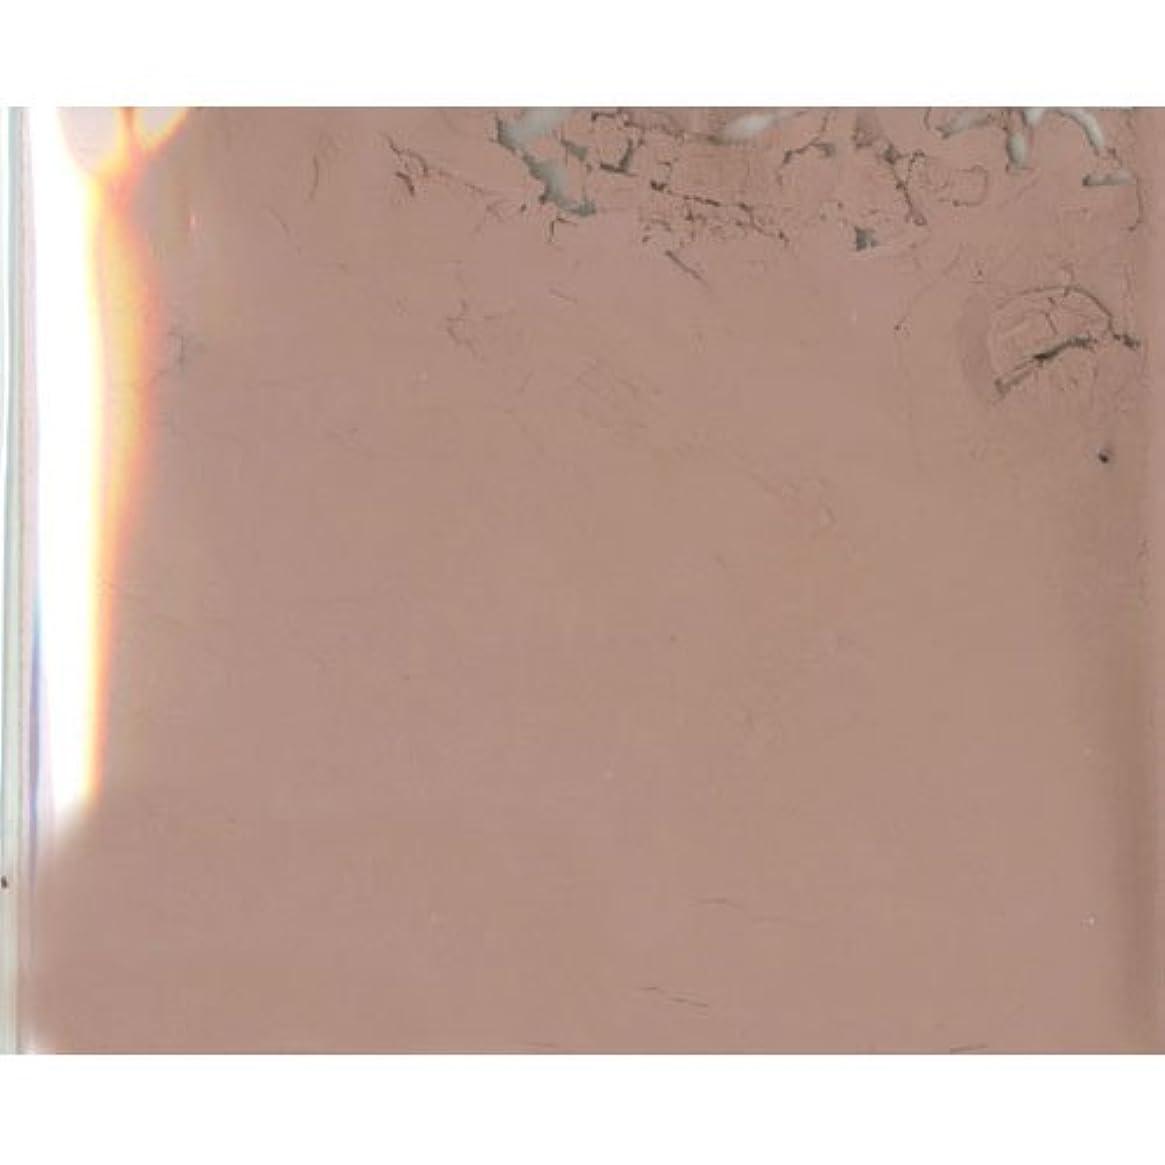 感謝している郊外ランドリーピカエース ネイル用パウダー ピカエース カラーパウダー 透明顔料 #985 チョコレートブラウン 2g アート材